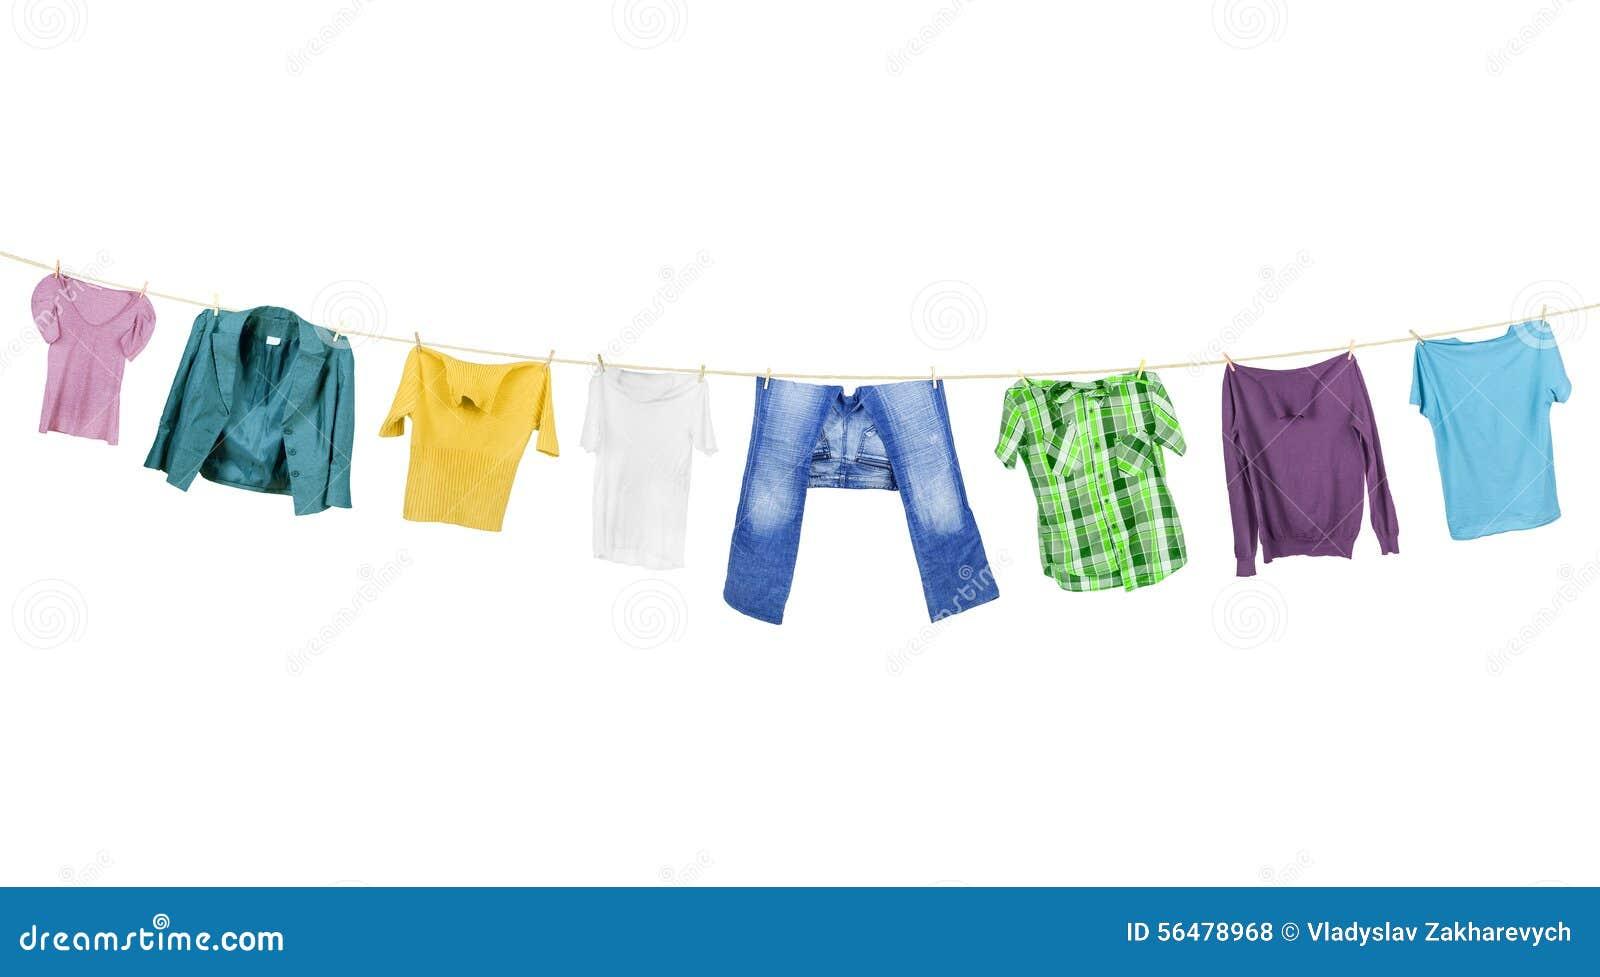 Accrocher de vêtements